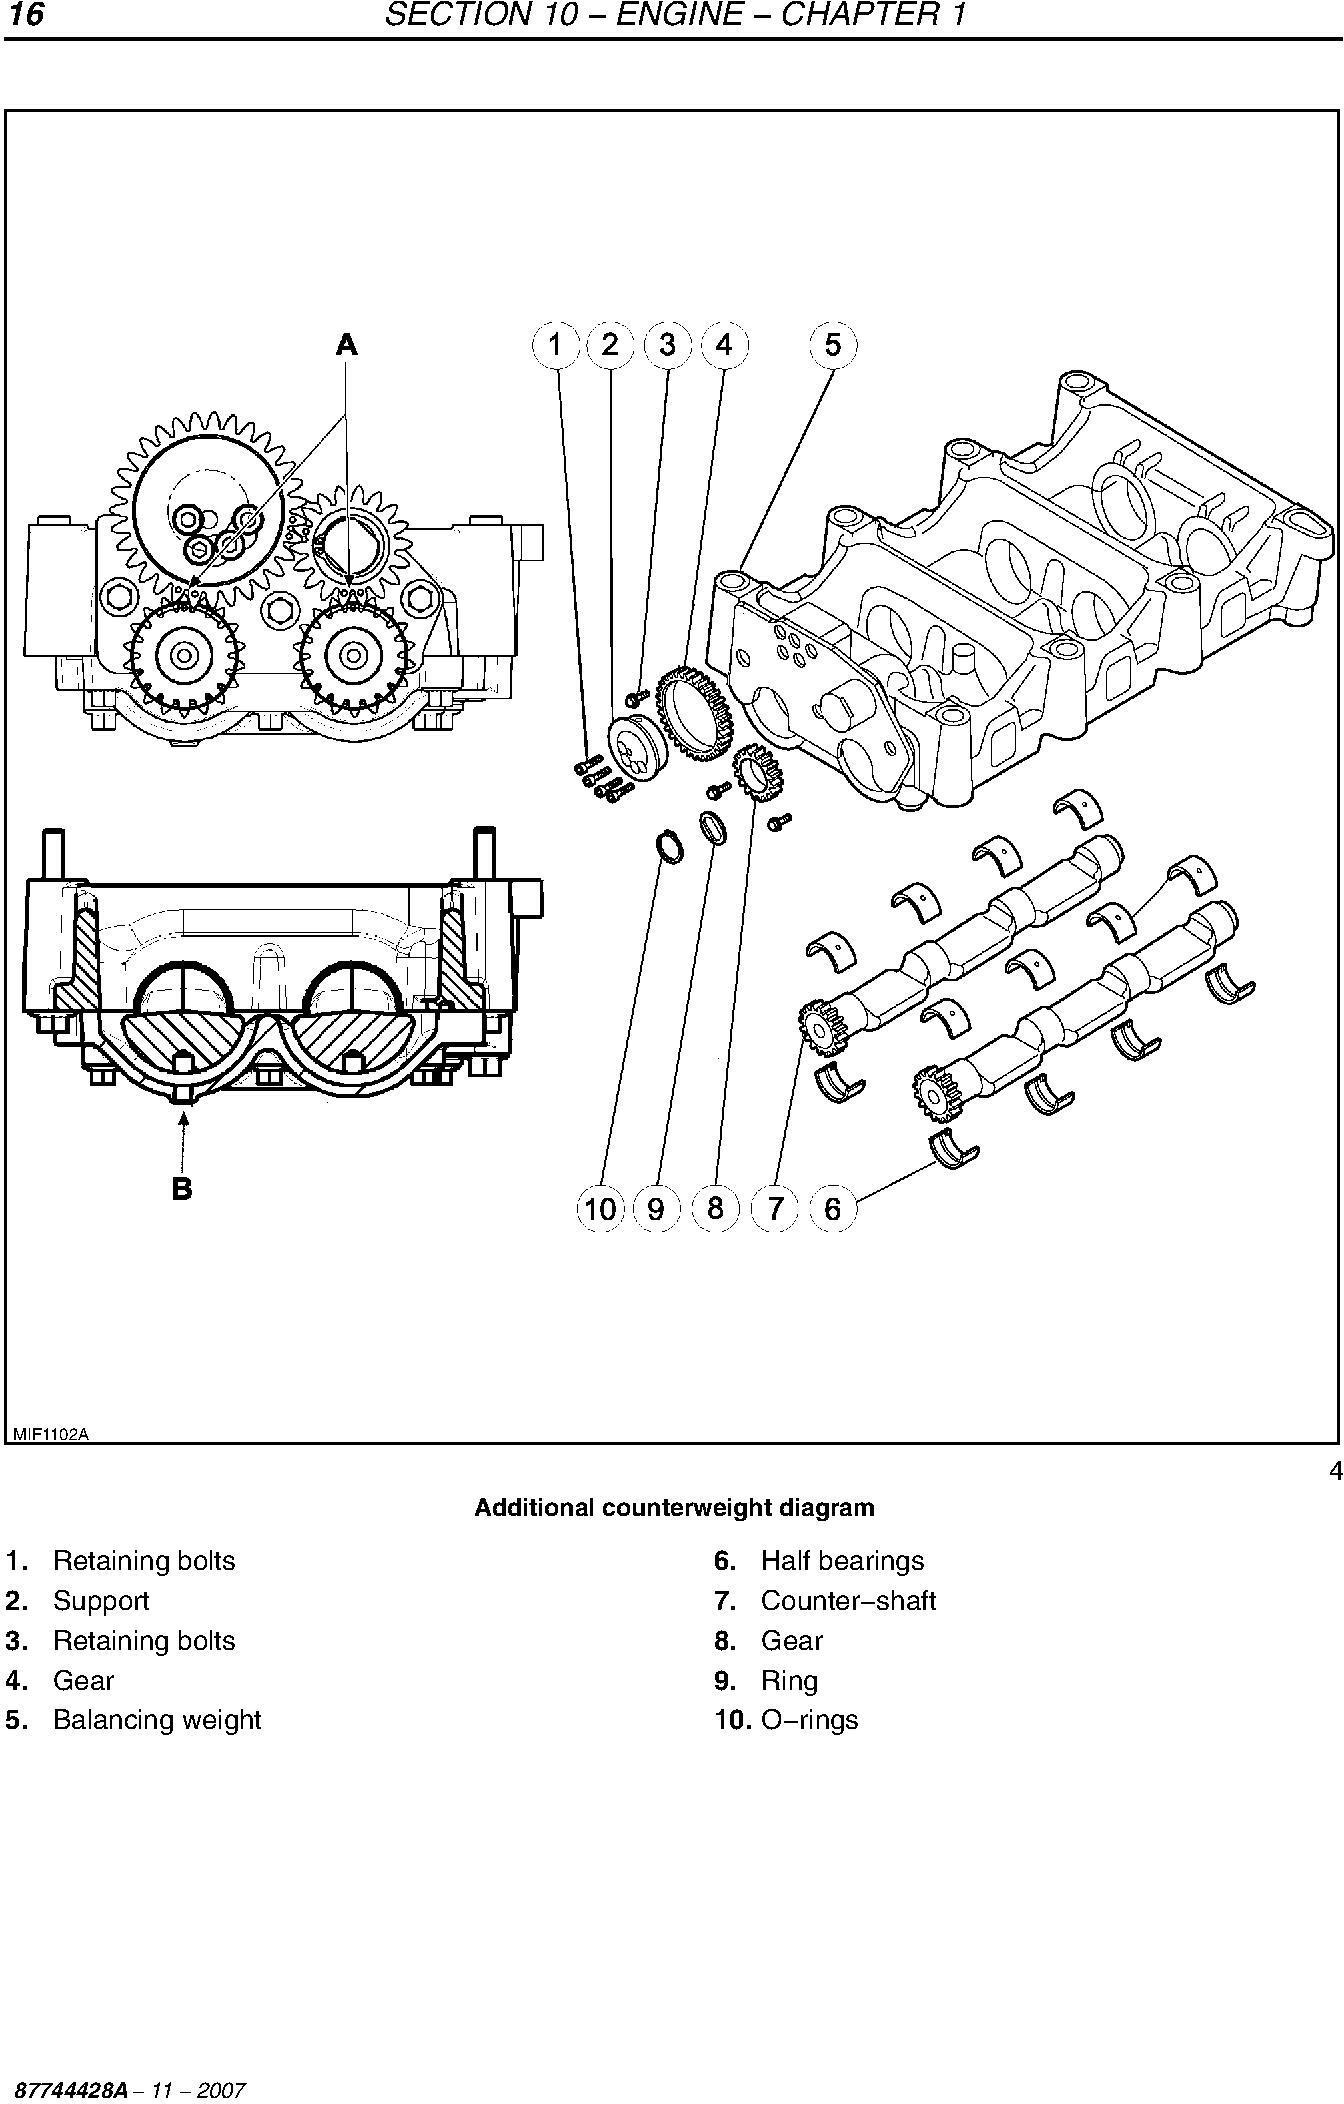 New Holland 4020, T4030, T4040, T4050 Tractors Service Manual - 1